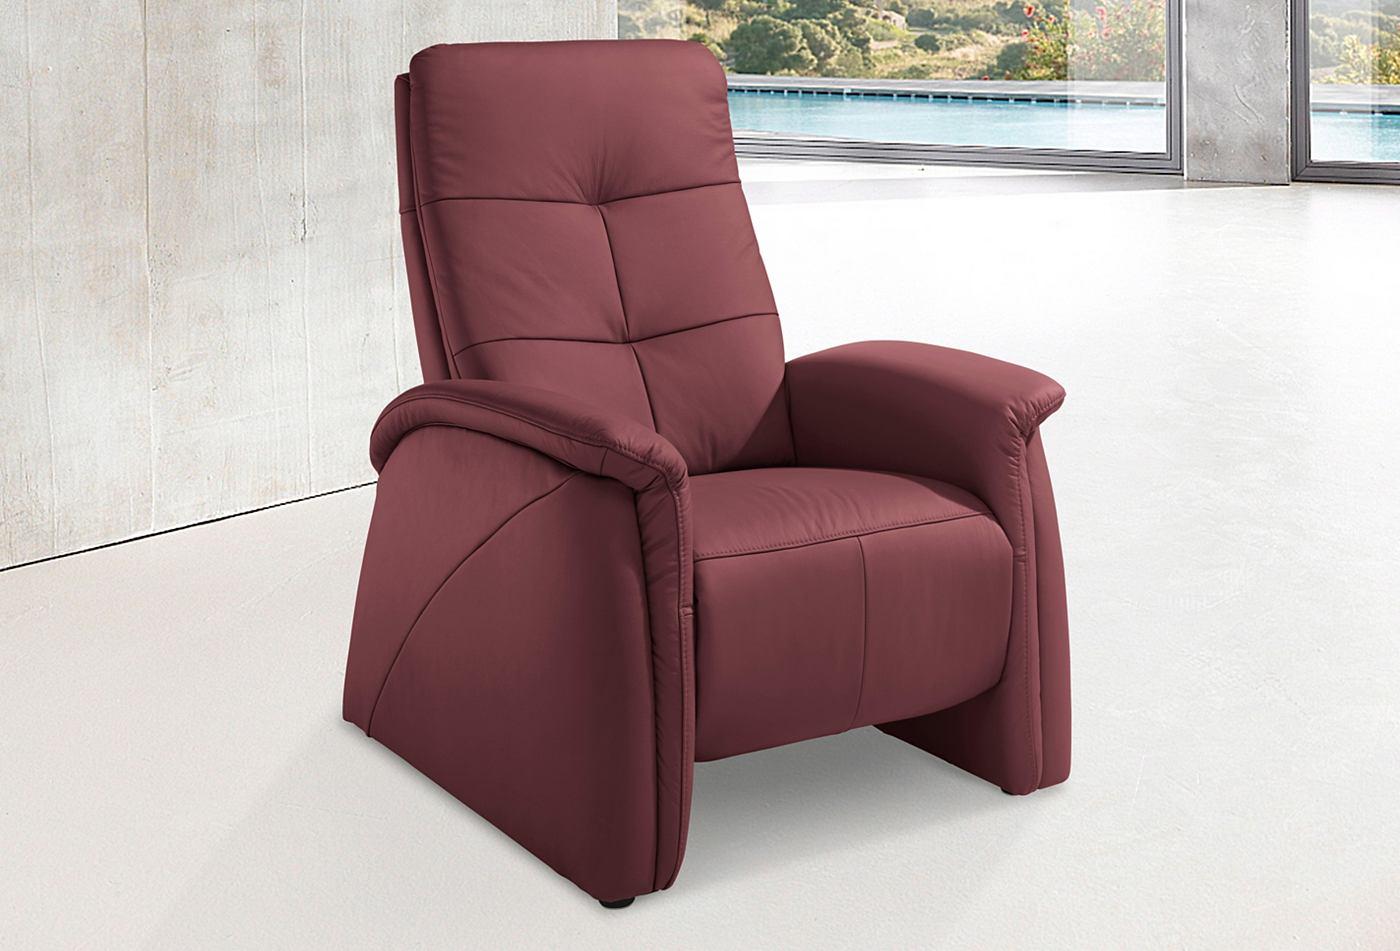 Fauteuil Voor Slaapkamer : fauteuil city sofa met relaxfunctie ...